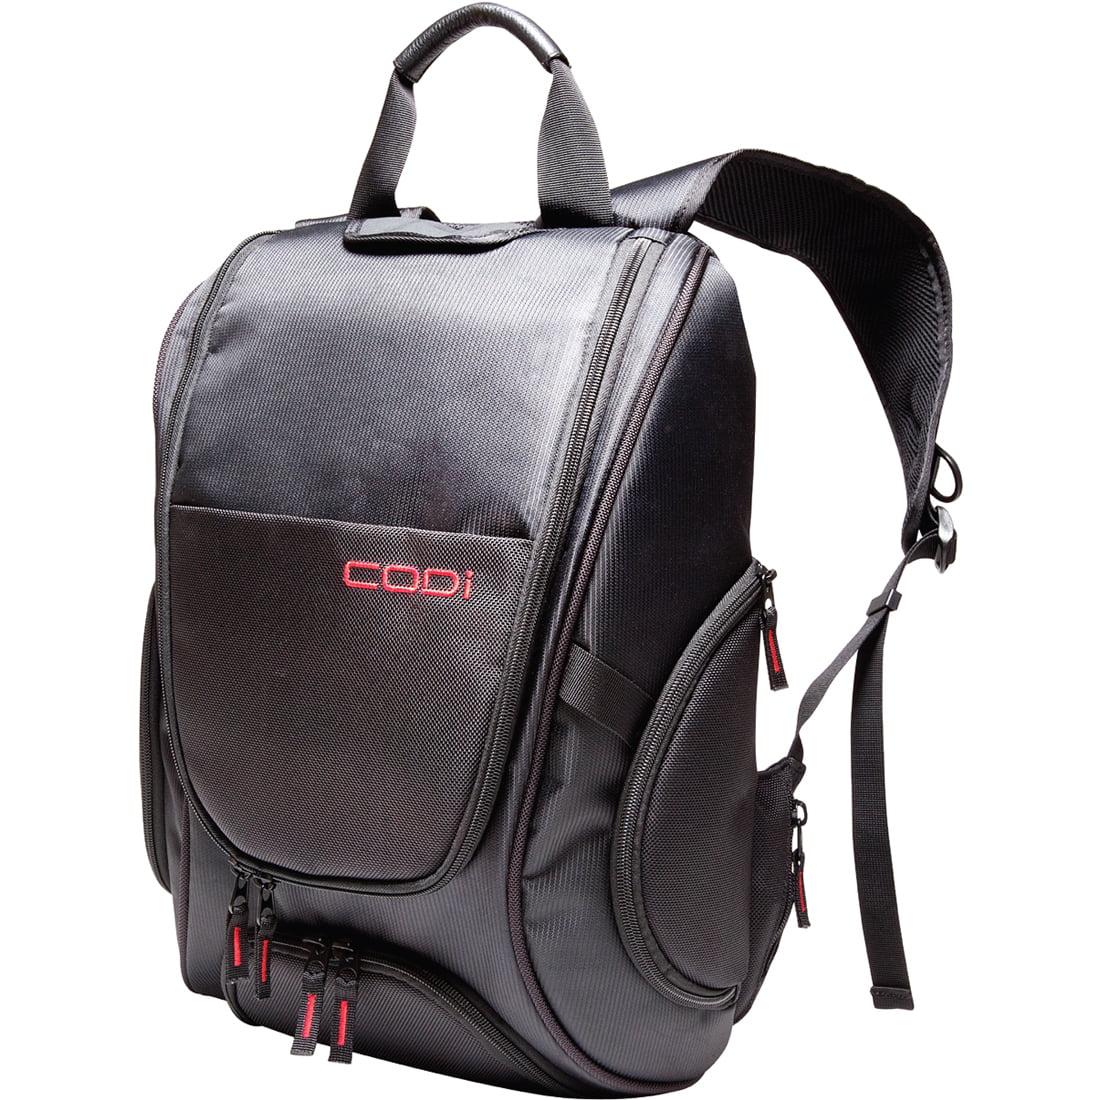 CODi Apex Backpack